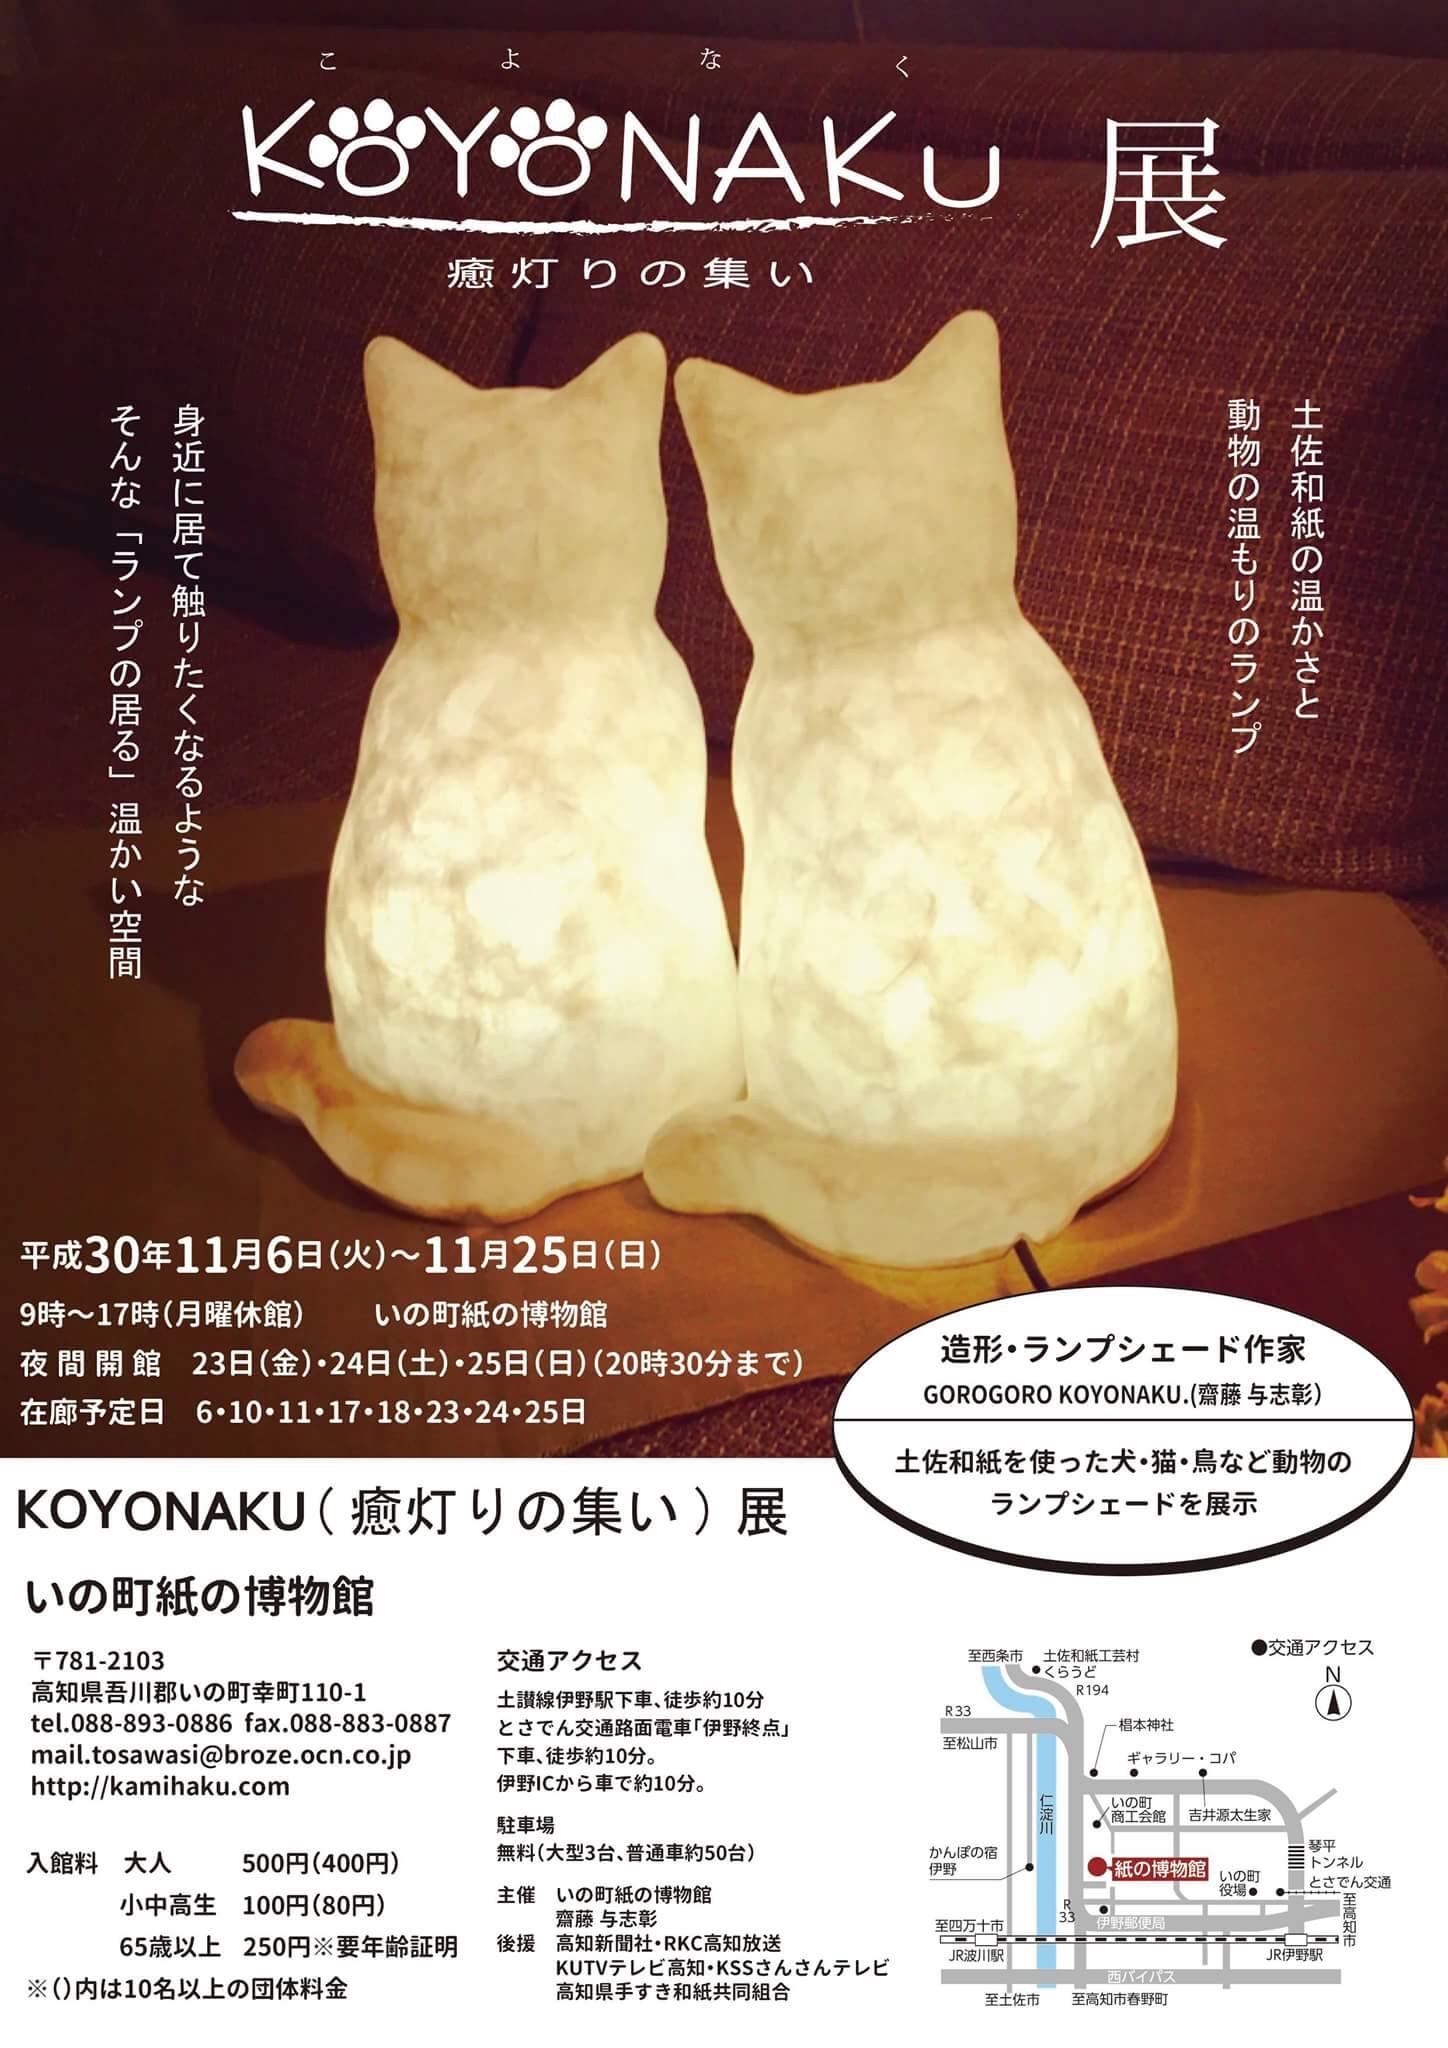 お知らせ!KOYONAKU(癒灯りの集い)展やります